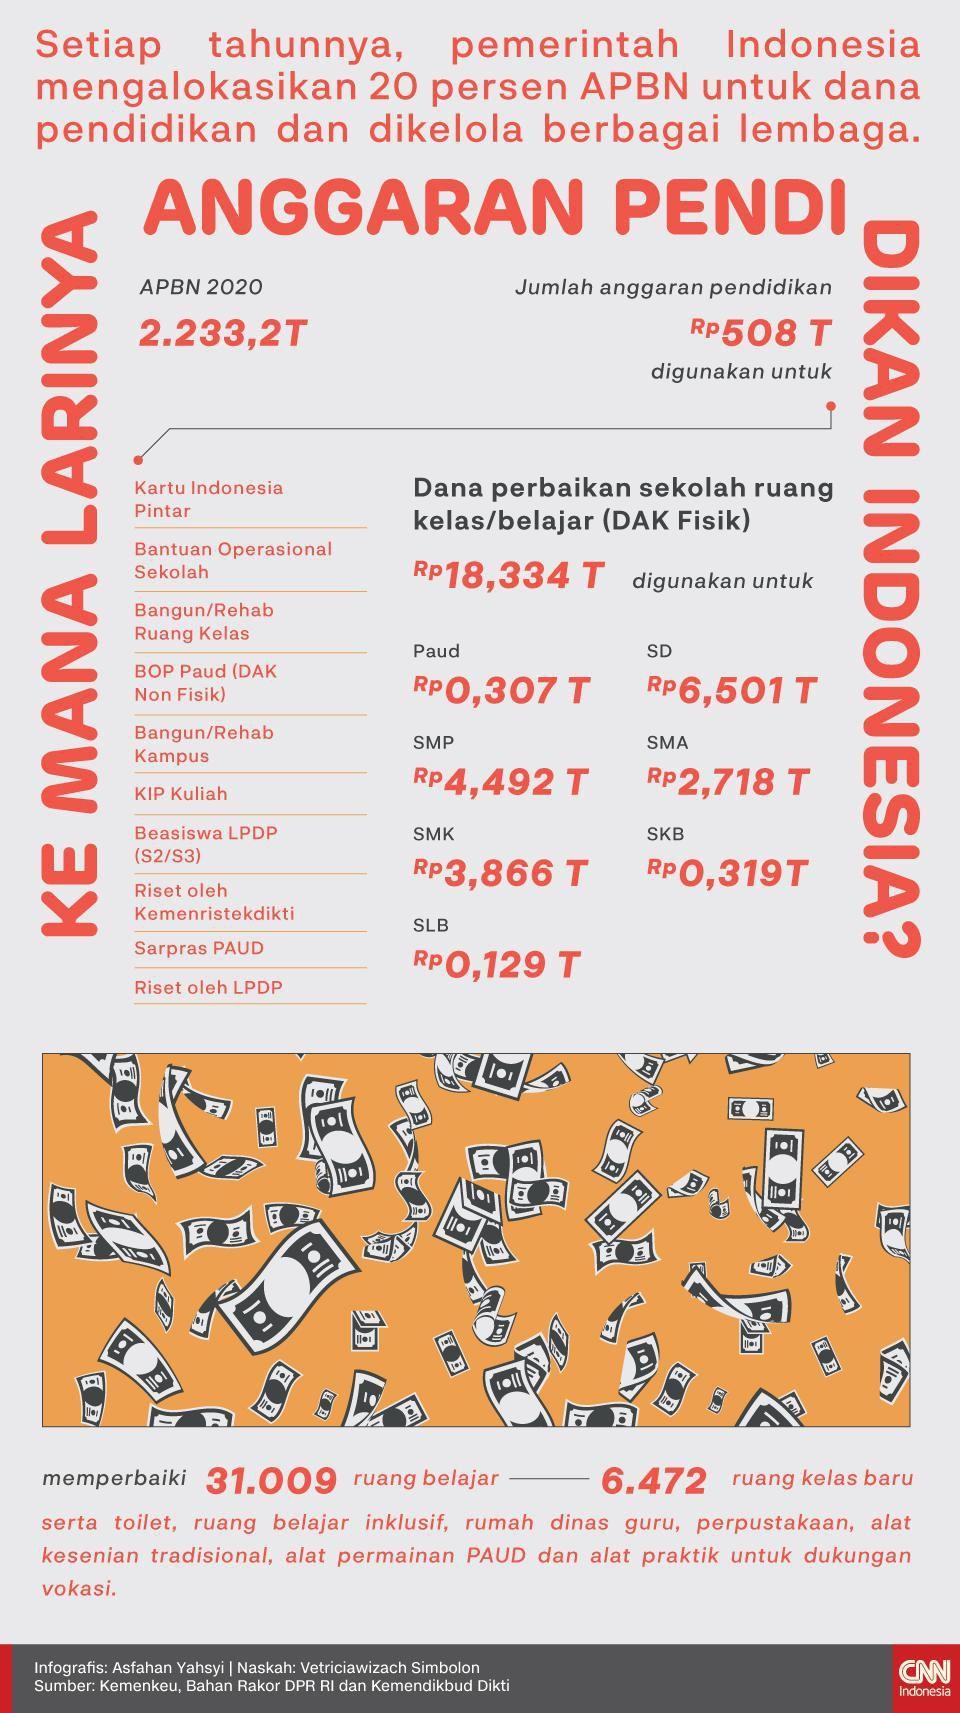 Infografis Kemana Larinya Anggaran Pendidikan Indonesia?